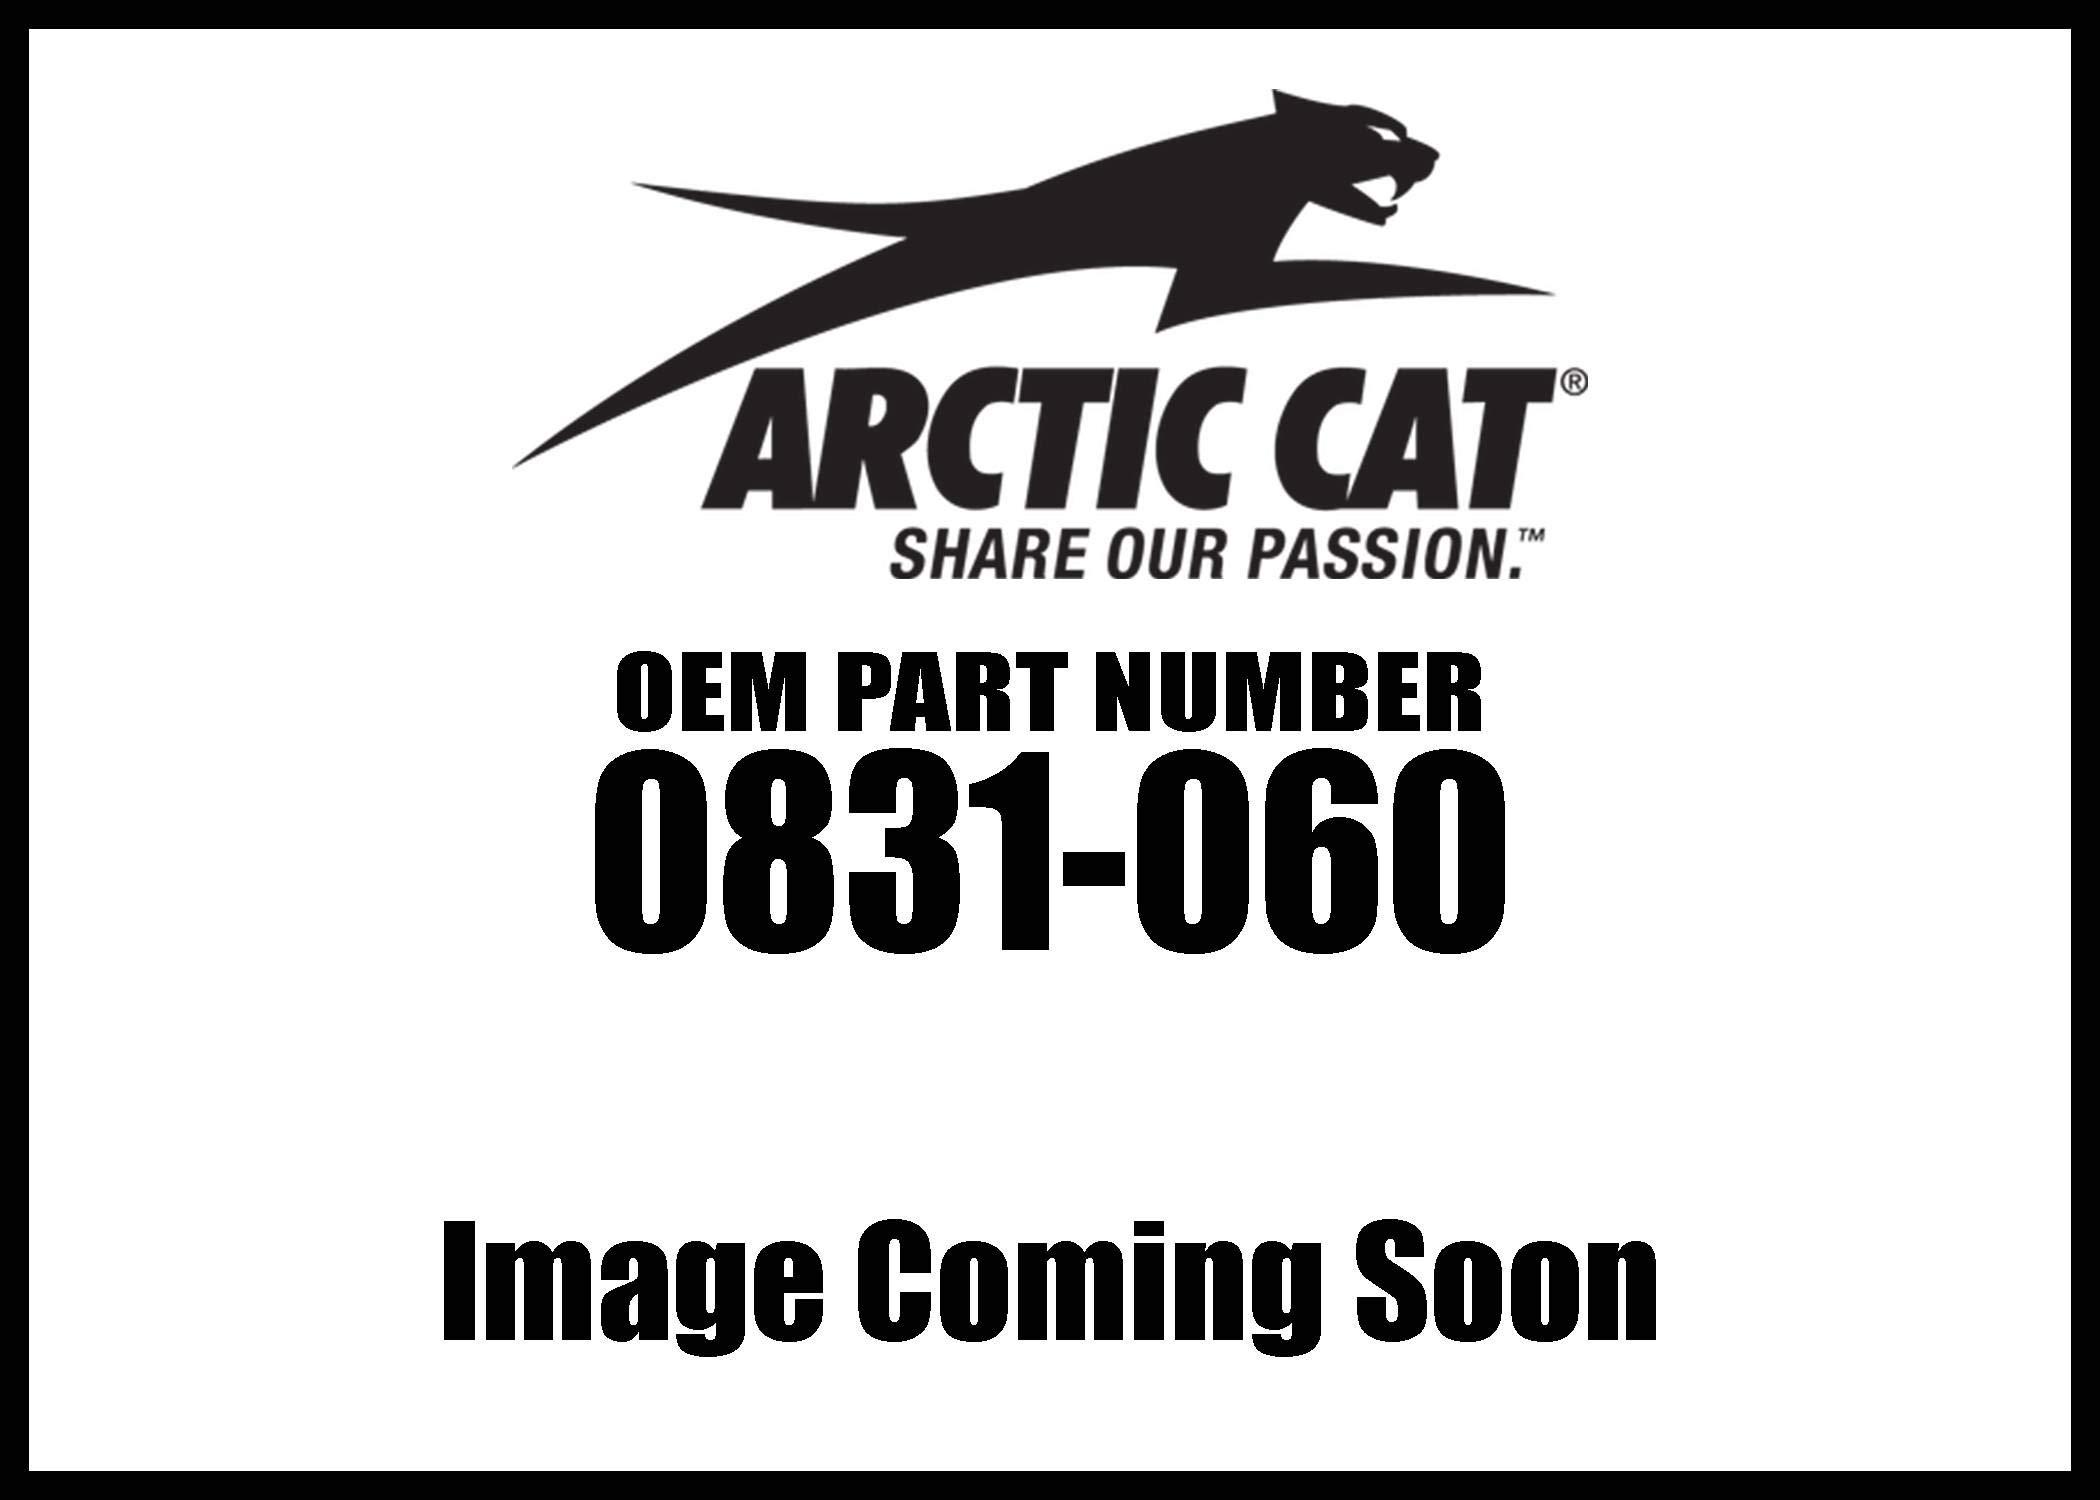 Arctic Cat 2009-2018 Xc 450 Efi Atv 500 Circlip Piston Pin 0831-060 New Oem